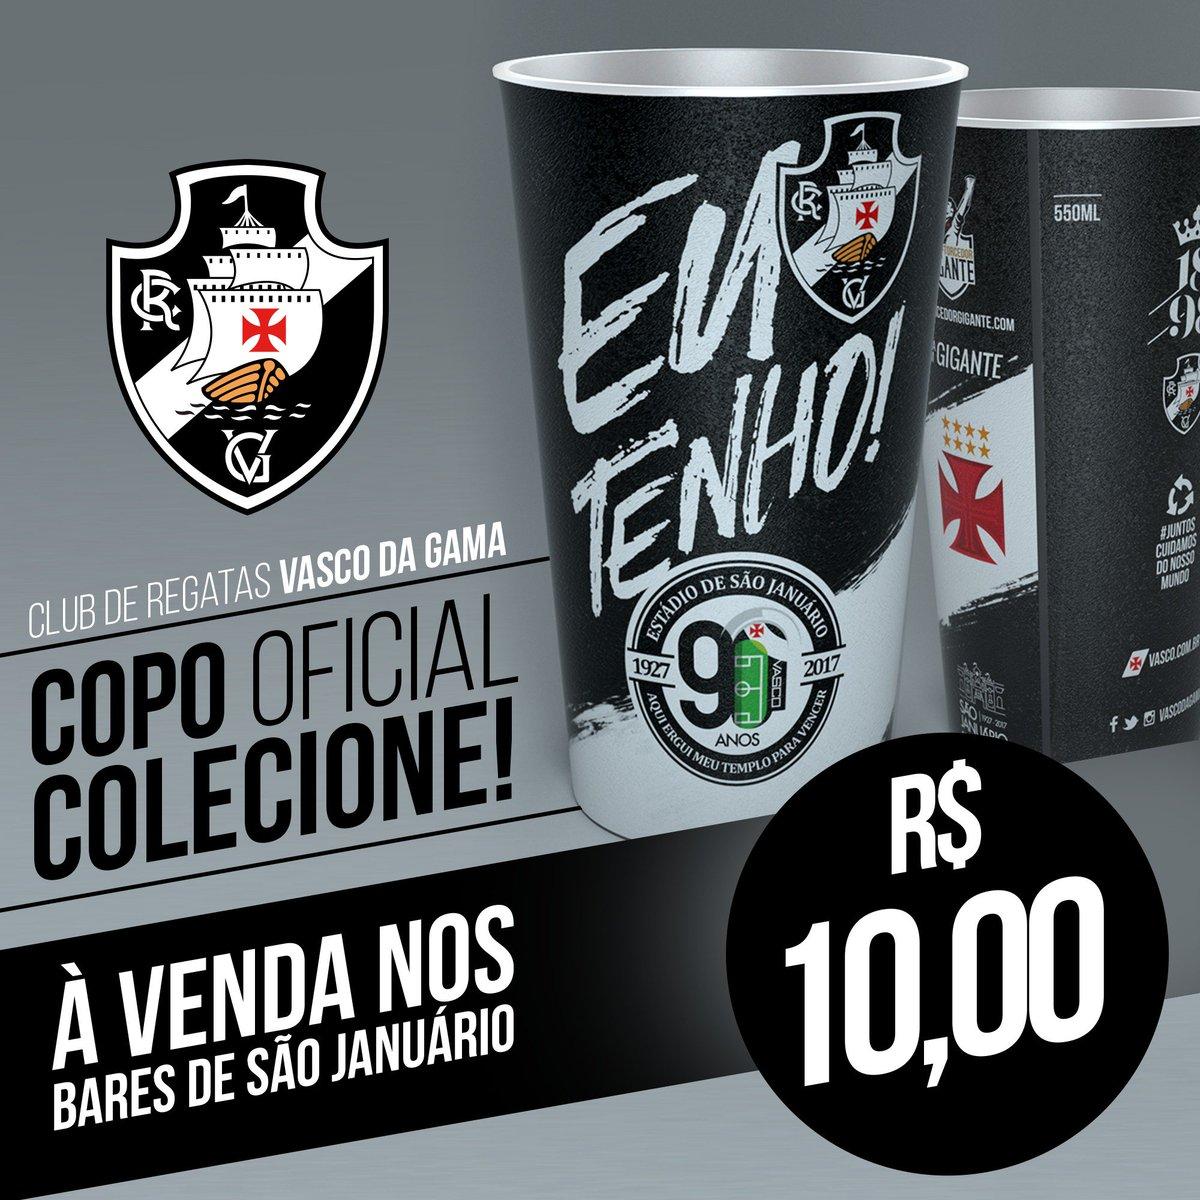 O copo comemorativo dos 90 anos de São Januário estará à venda nos bares no domingo!